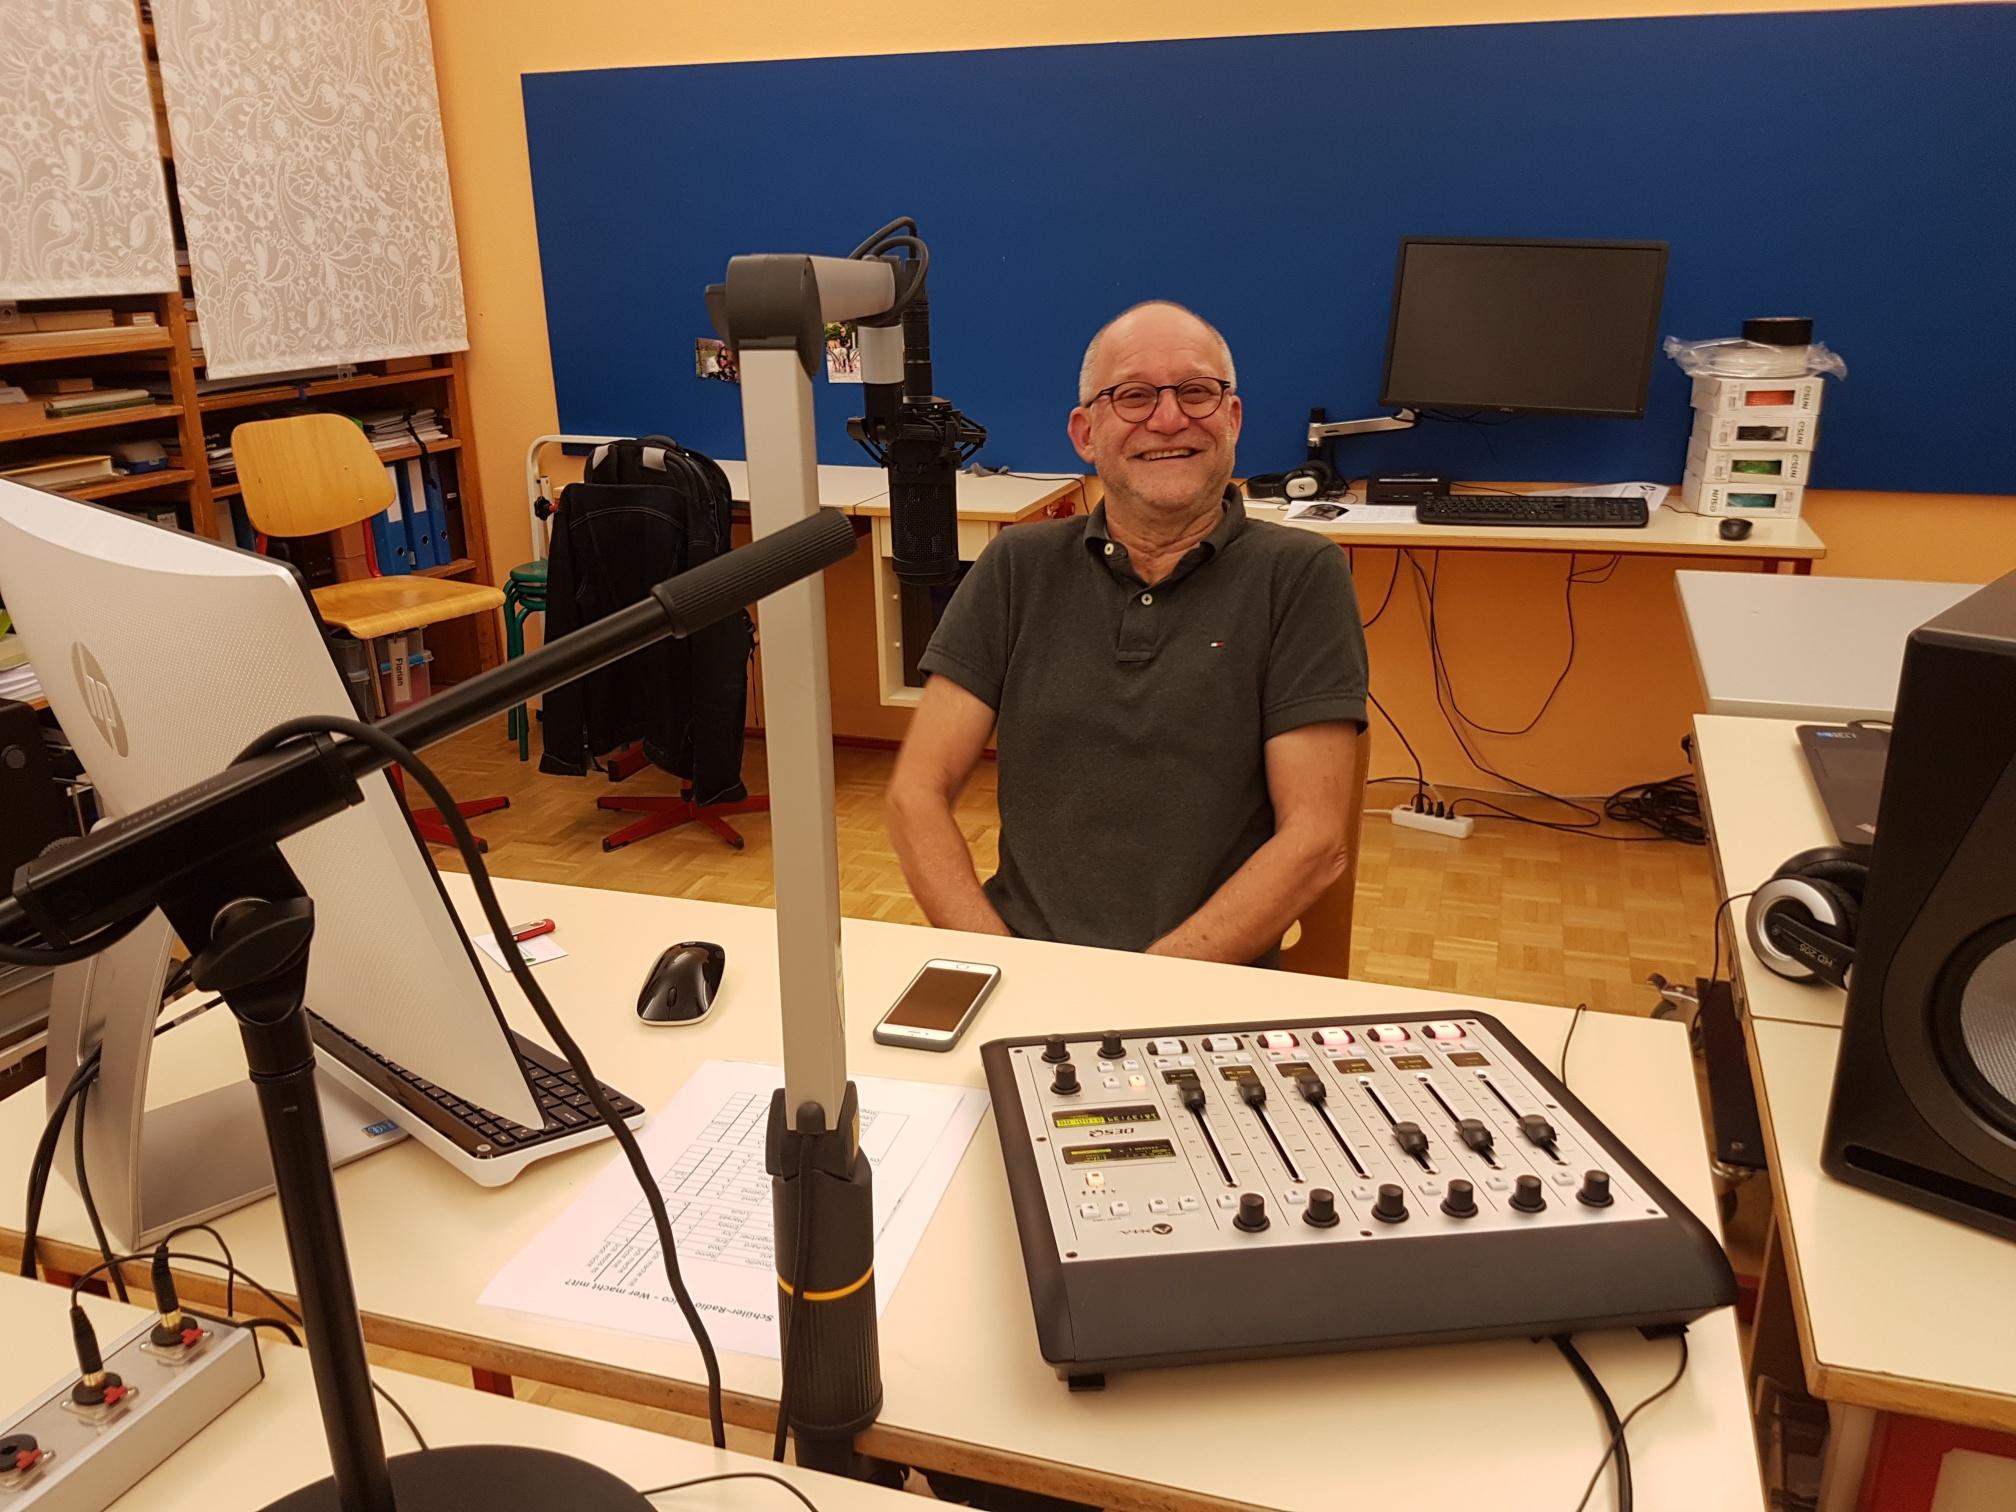 Walter Reinhard von Auris - geschafft - RadioChico ist startklar